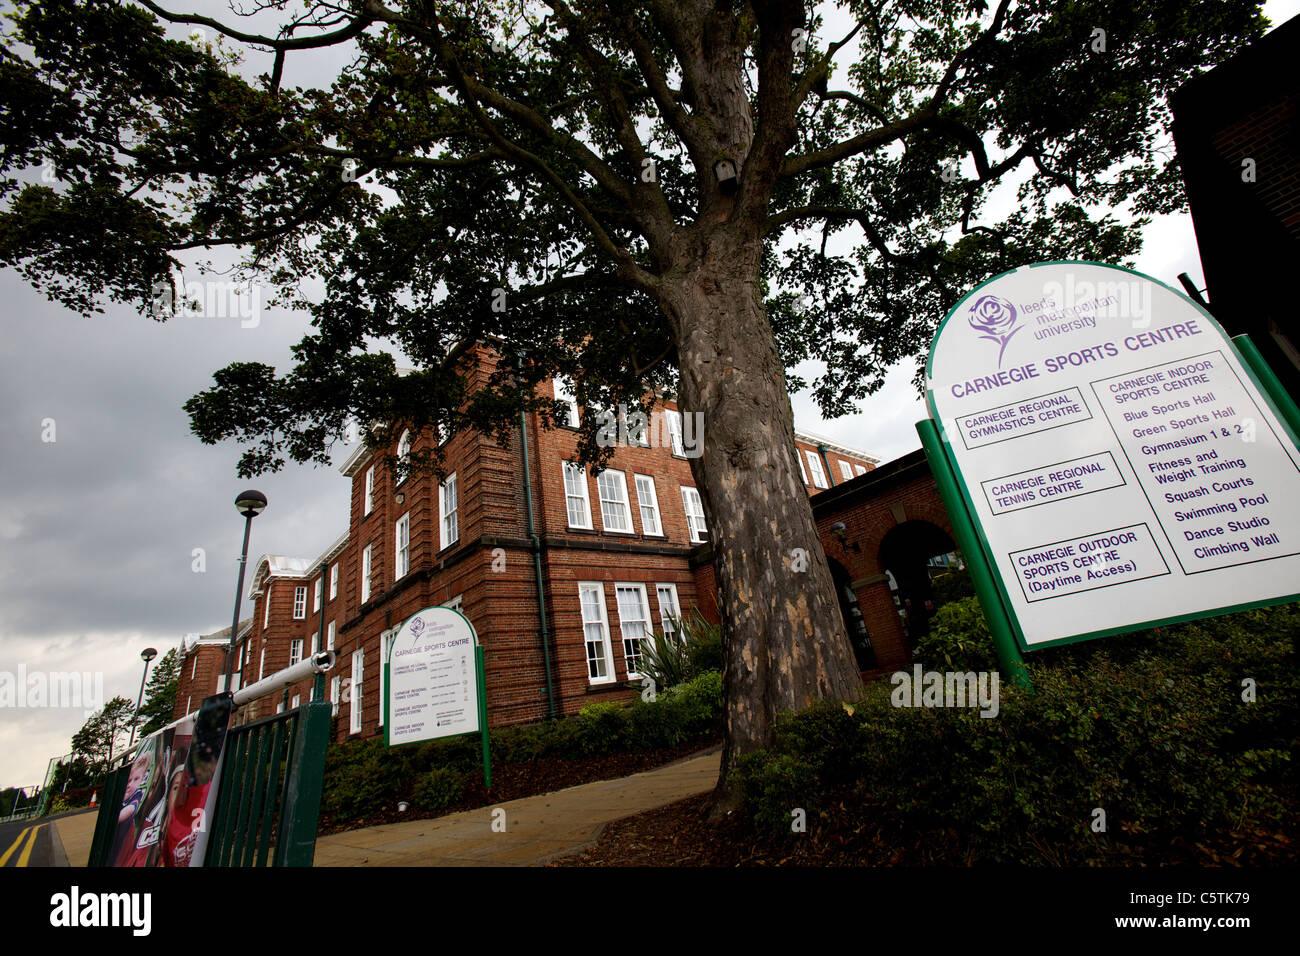 L'Université Métropolitaine de Leeds Carnegie Centre Sportif et signe, août 2011, campus, Headingley Photo Stock